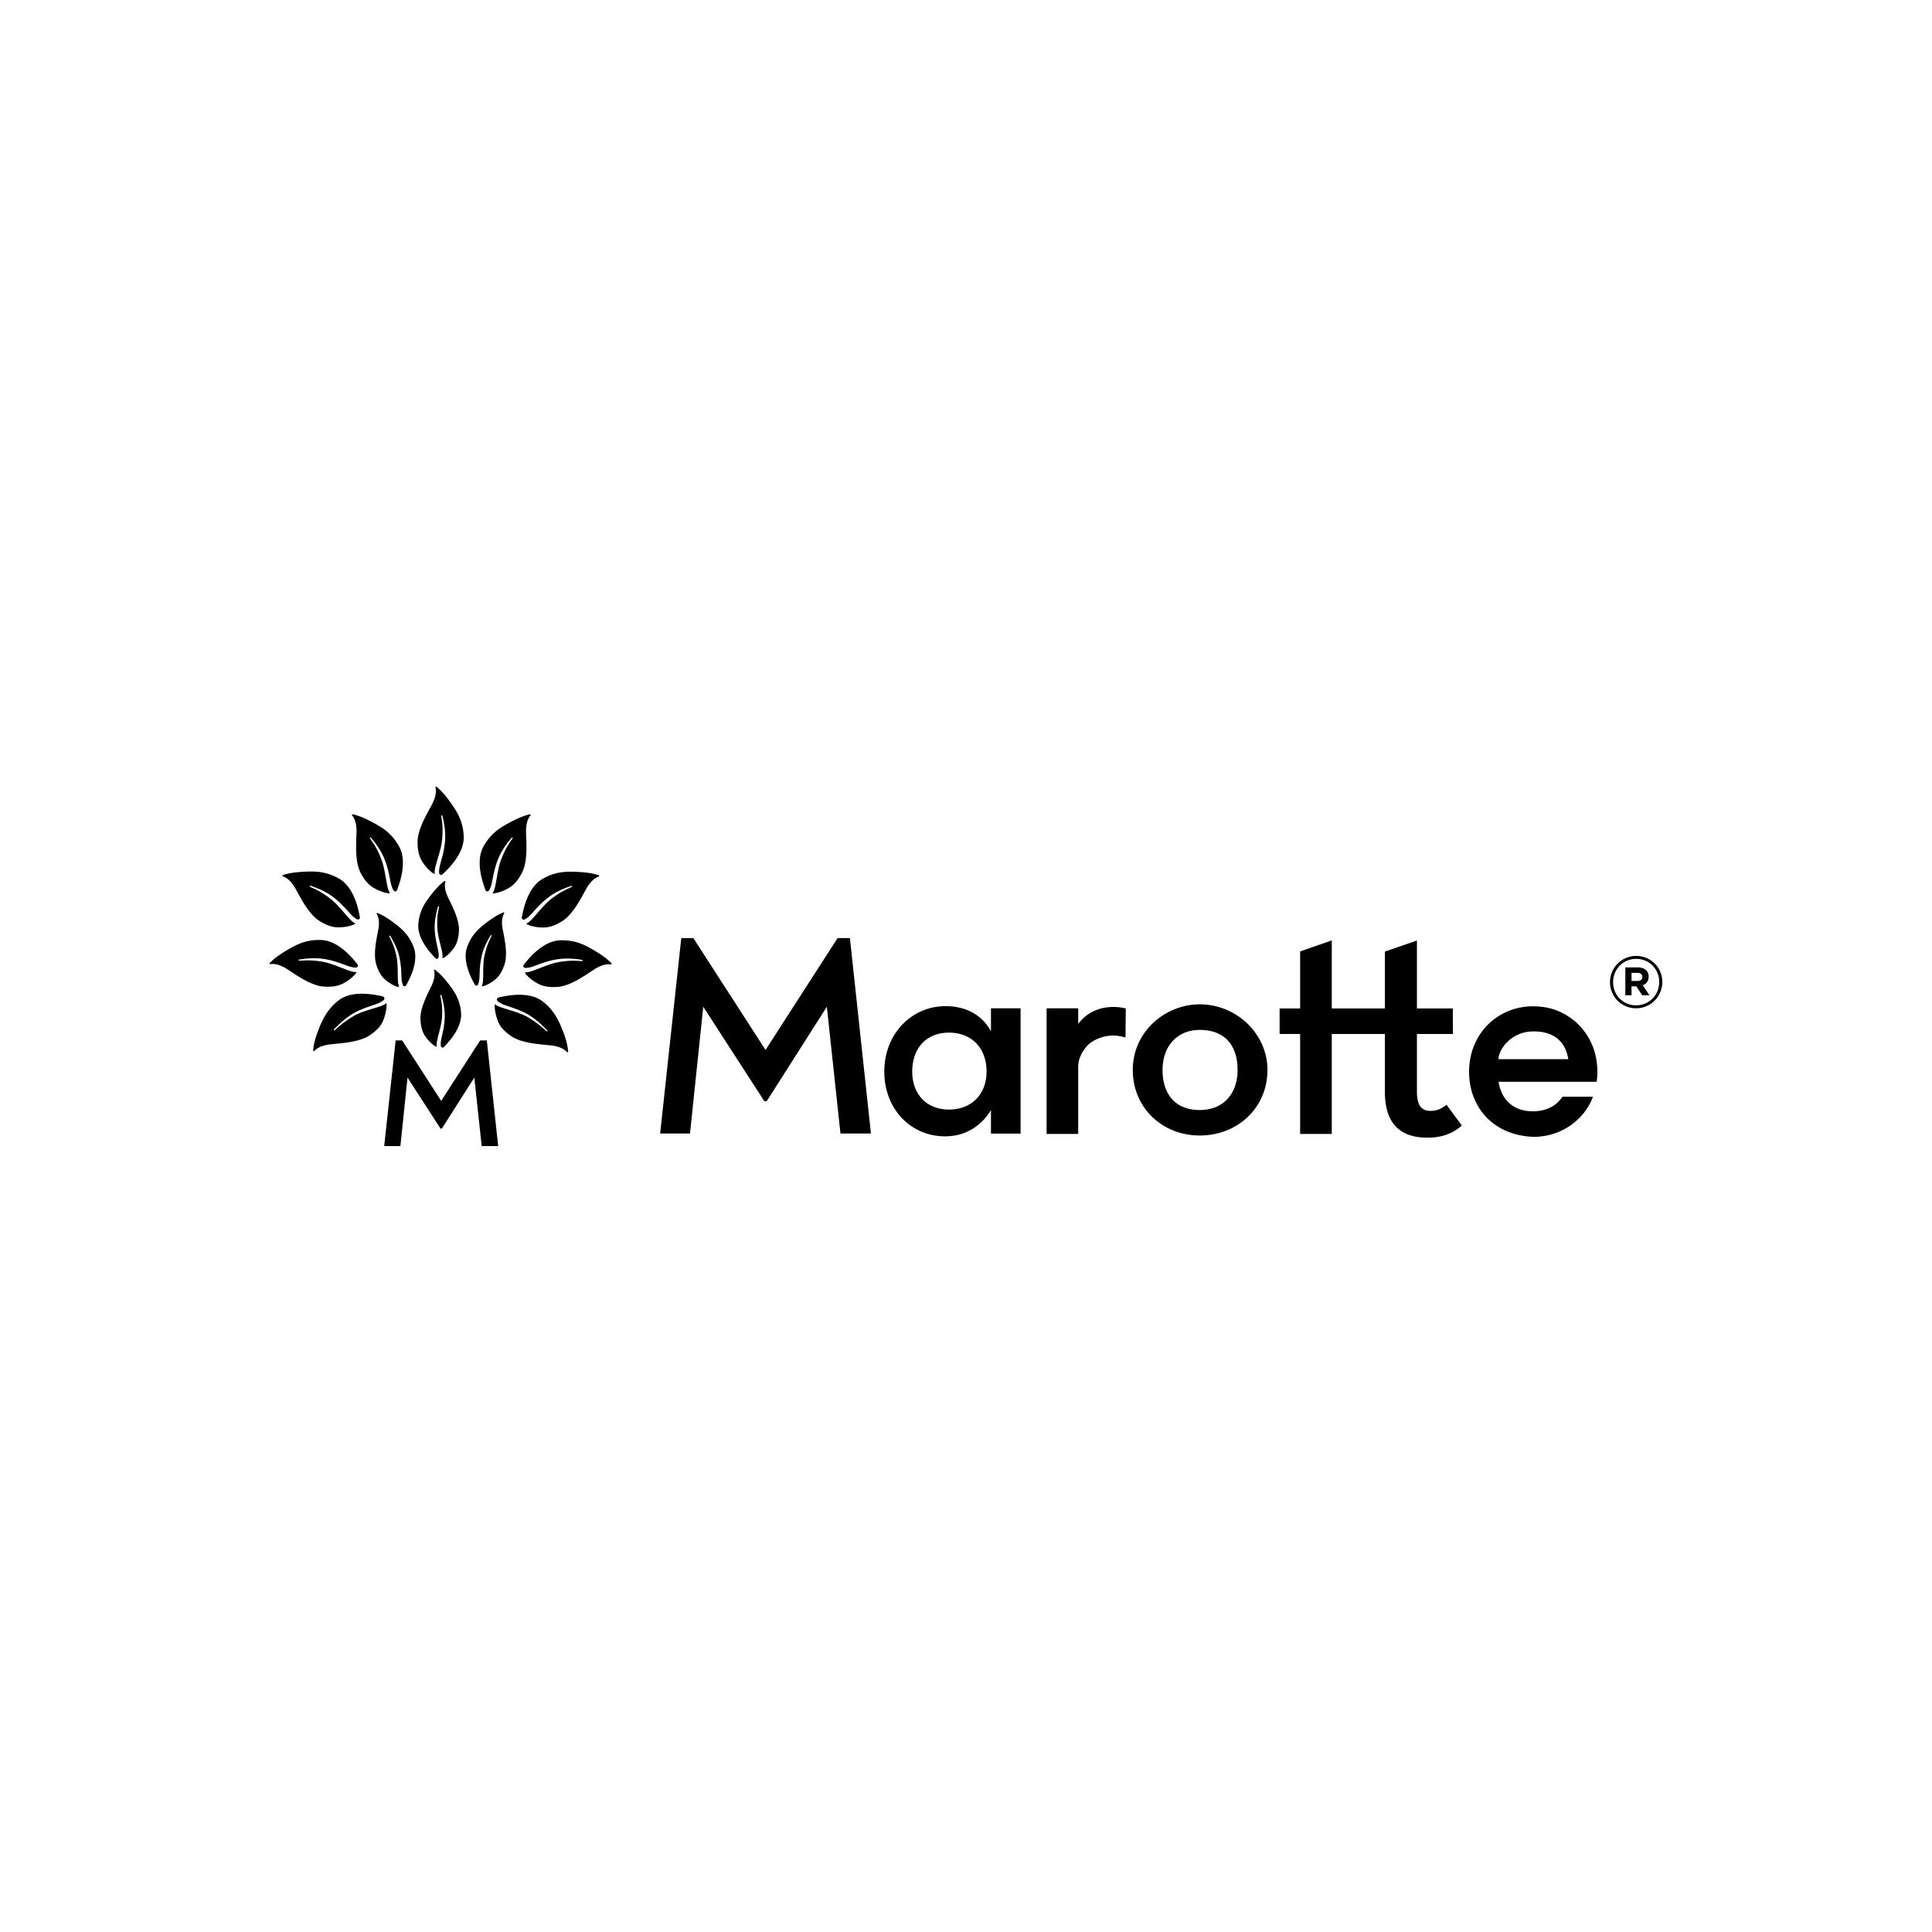 marrotte-logo (1).jpg